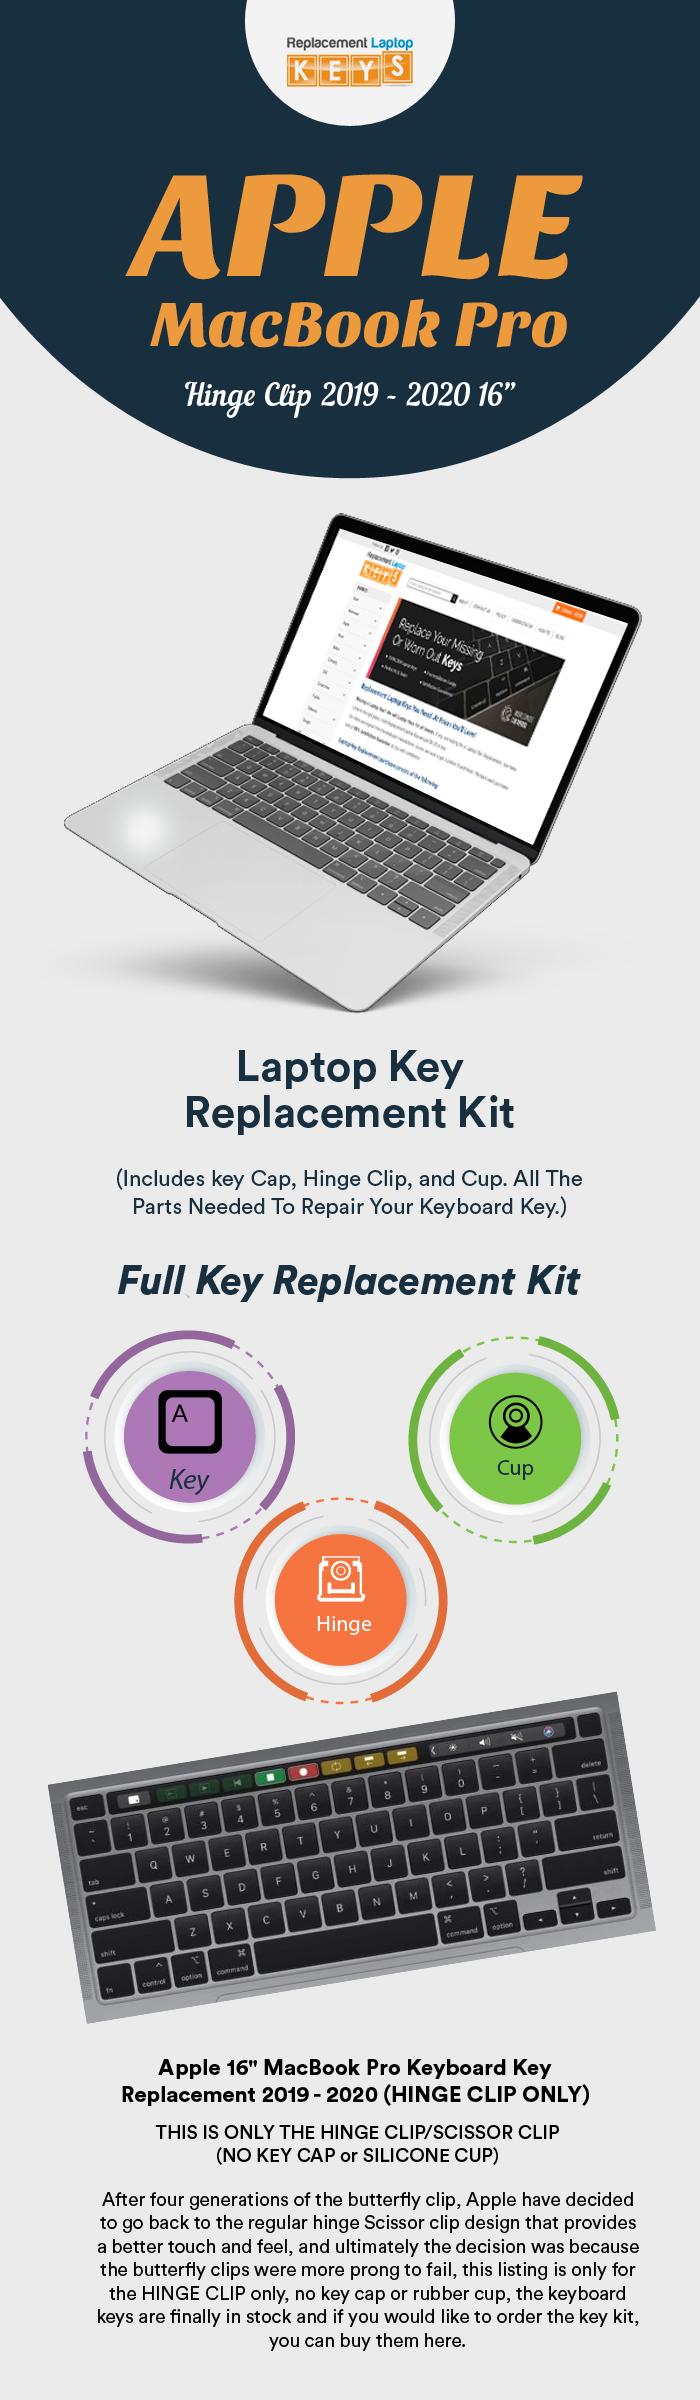 Shop 2019 – 2020 Apple MacBook Pro Keyboard Keys from Replacement Laptop Keys